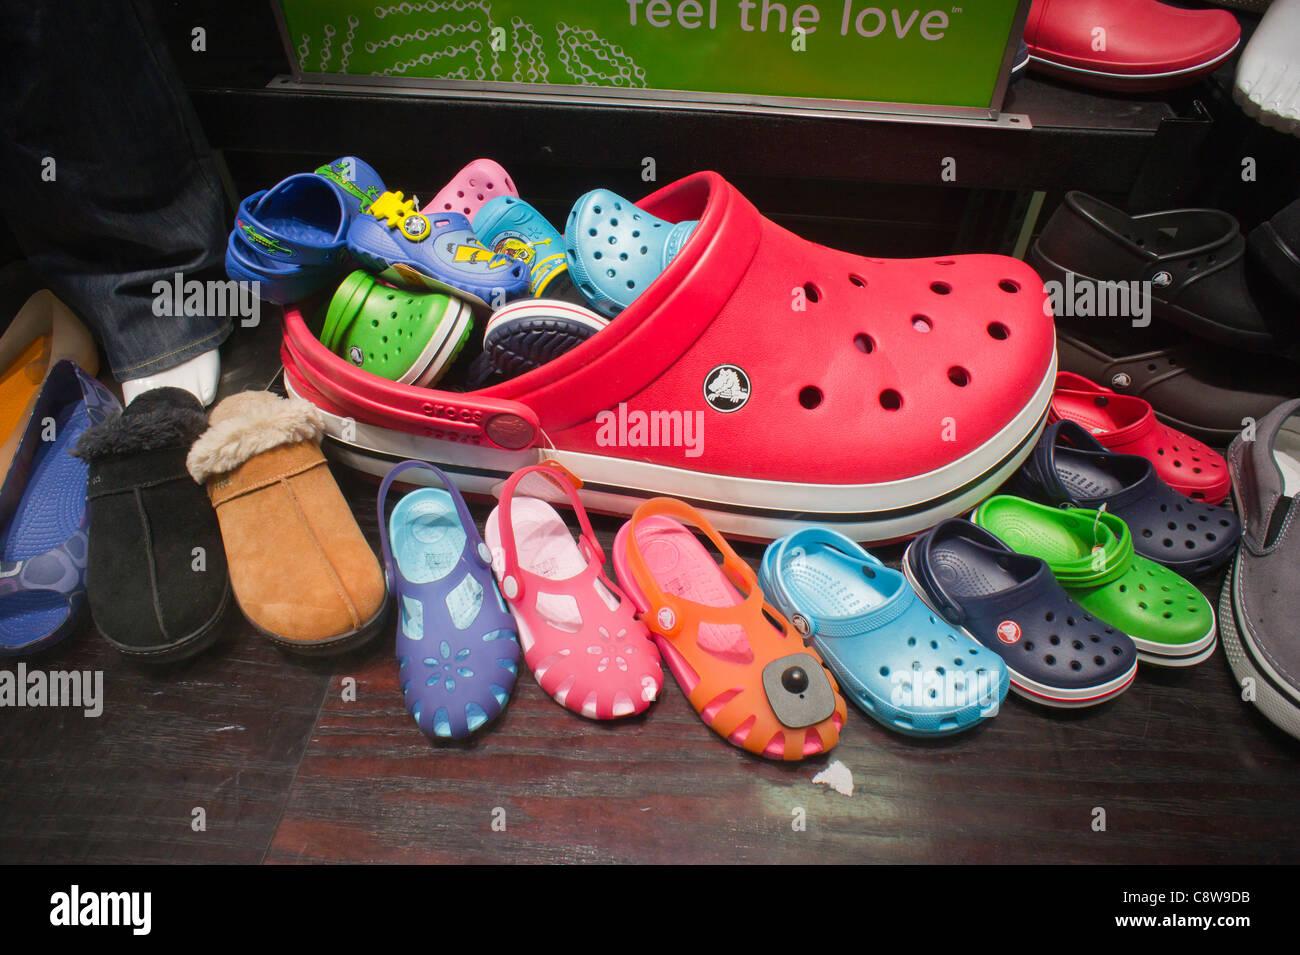 ec16529d19d Une exposition de chaussures Crocs est vu dans un magasin de chaussures dans  le quartier chinois